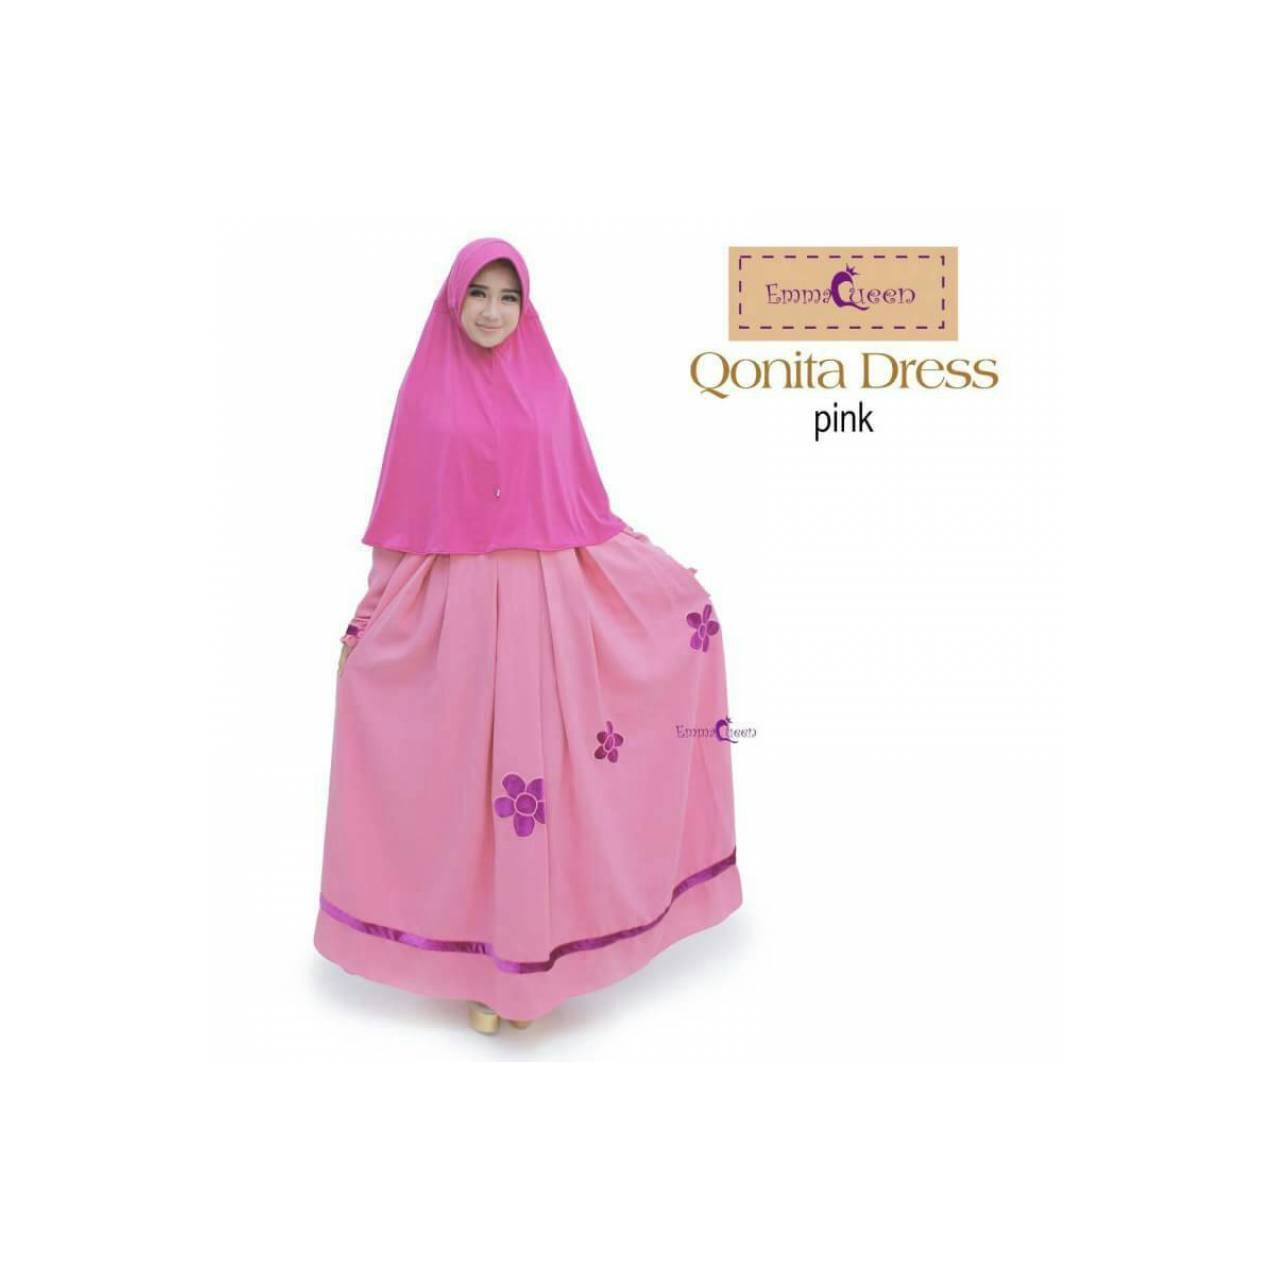 [TERBARU] Qonita Dress by EmmaQueen | Gamis | Baju Muslim Wanita